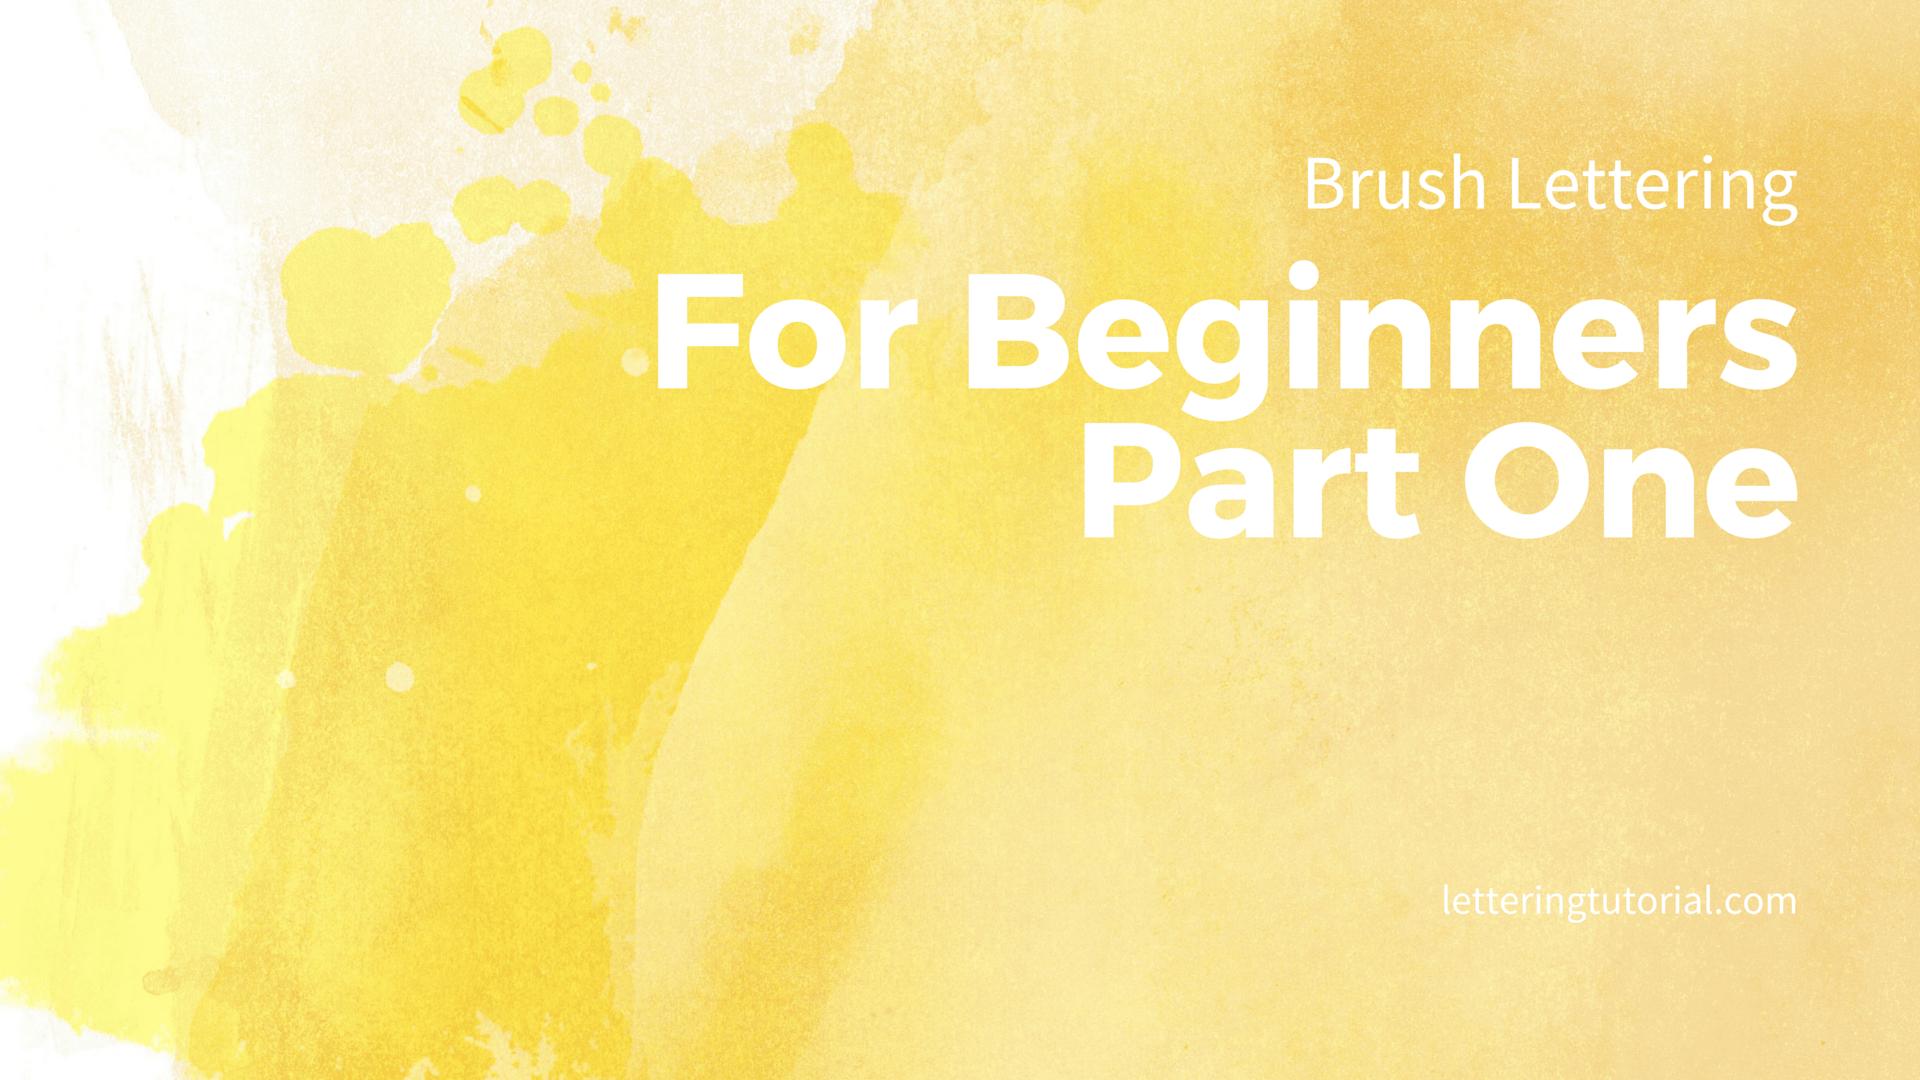 Brush Lettering For Beginners Part One - Lettering Tutorial